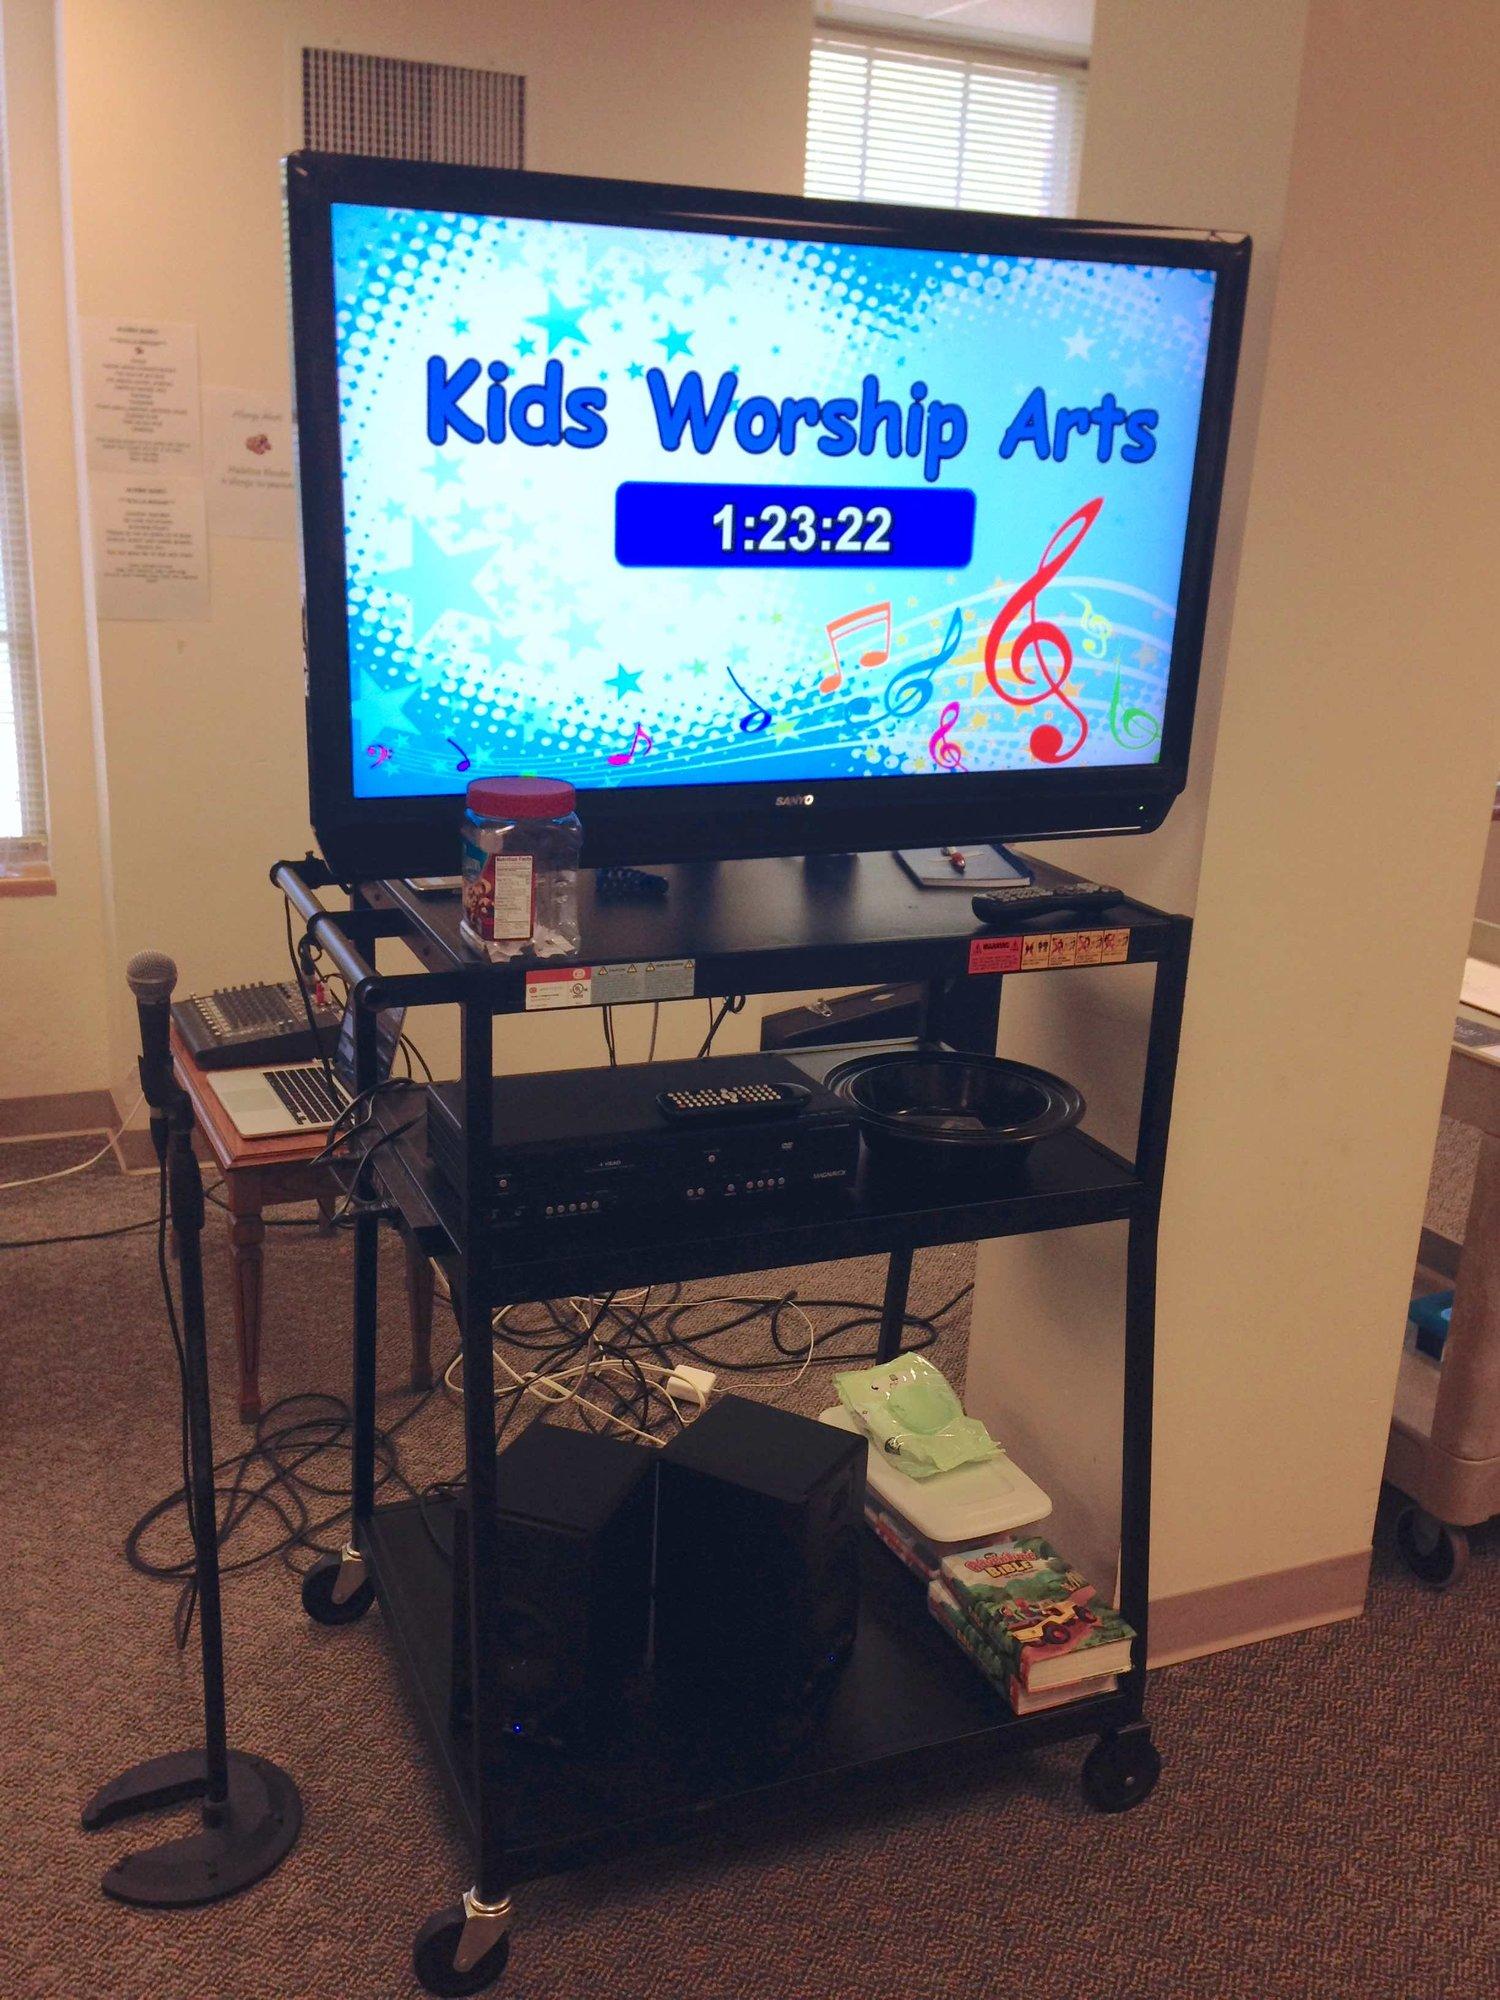 Countdown Timer — Kids Worship Arts